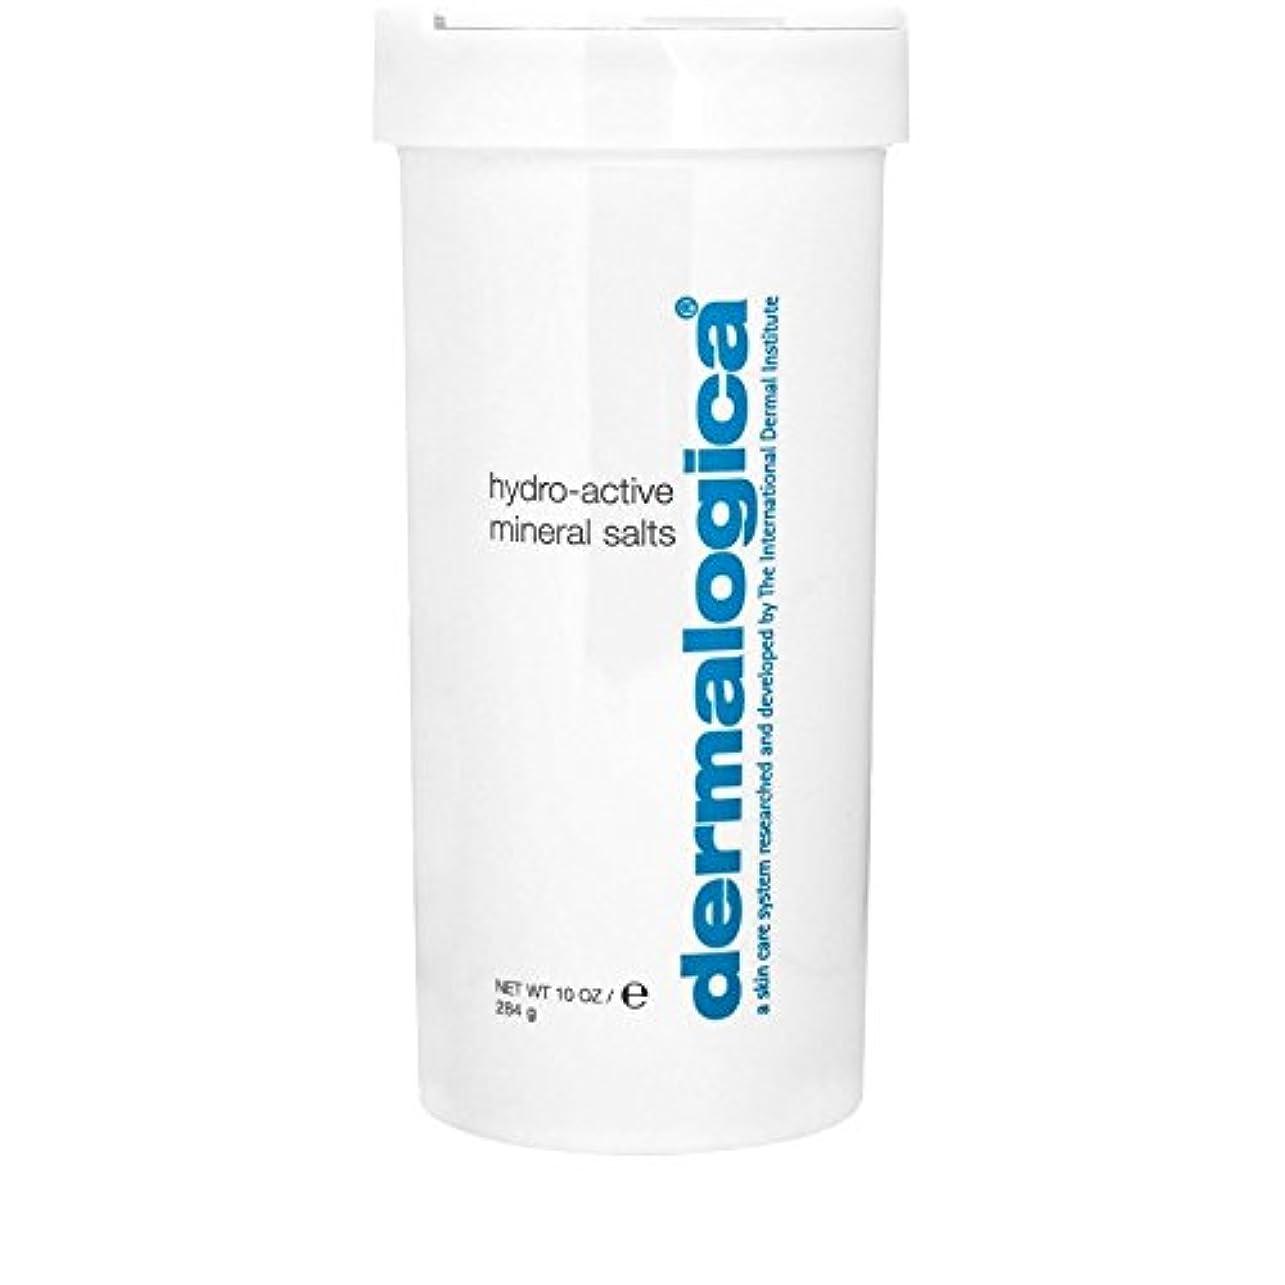 スライスセラフ荒れ地Dermalogica Hydro Active Mineral Salt 284g - ダーマロジカ水力アクティブミネラル塩284グラム [並行輸入品]